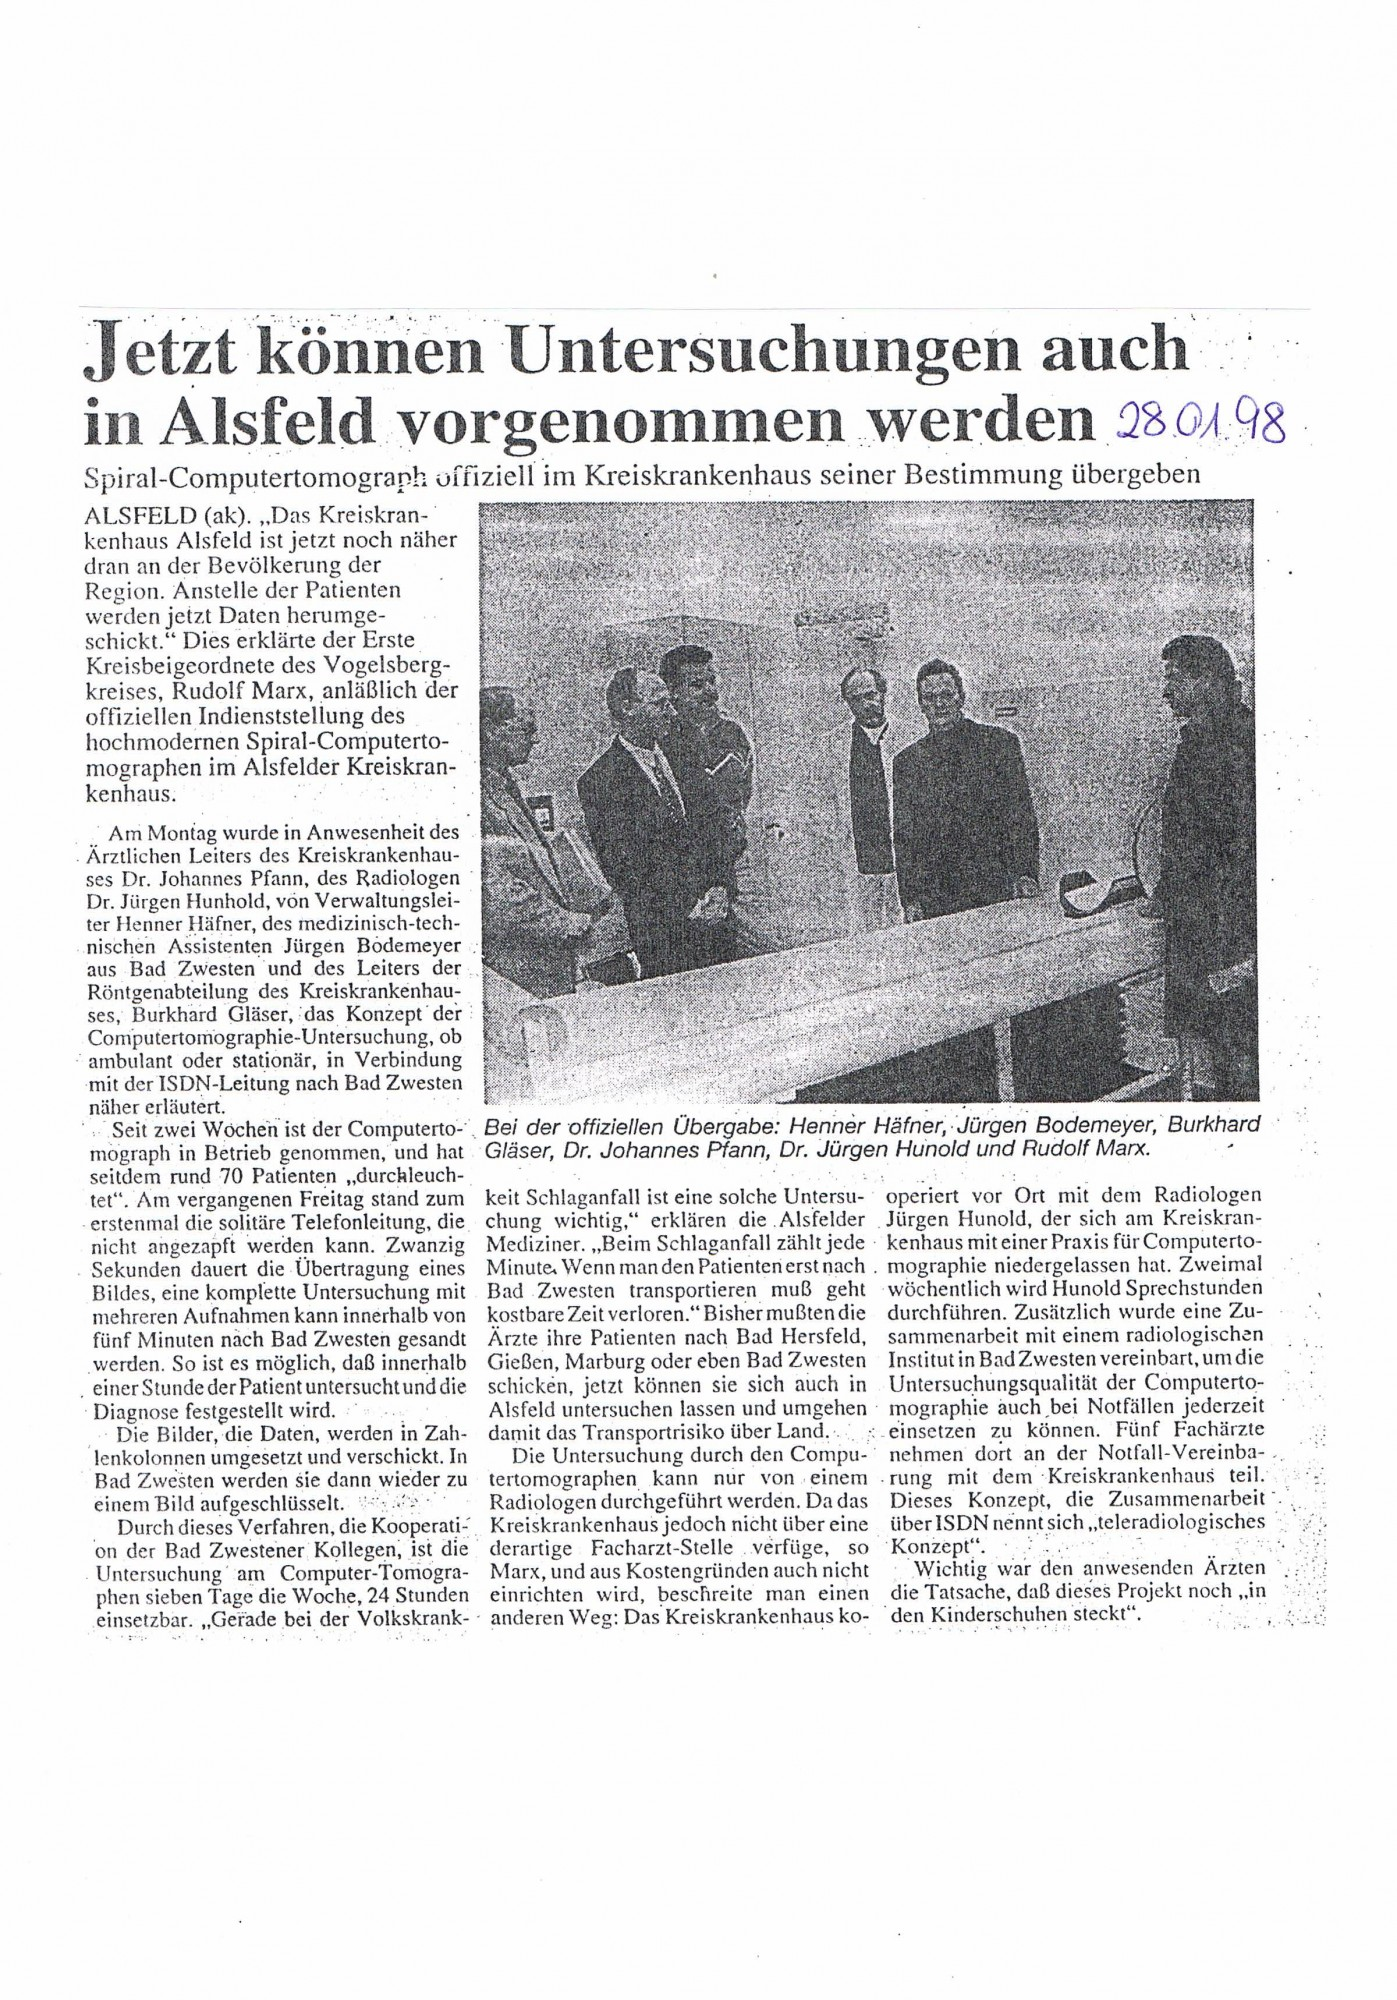 1998-01-28 Jetzt können Untersuchungen auch in Alsfeld vorgenommen werden-001